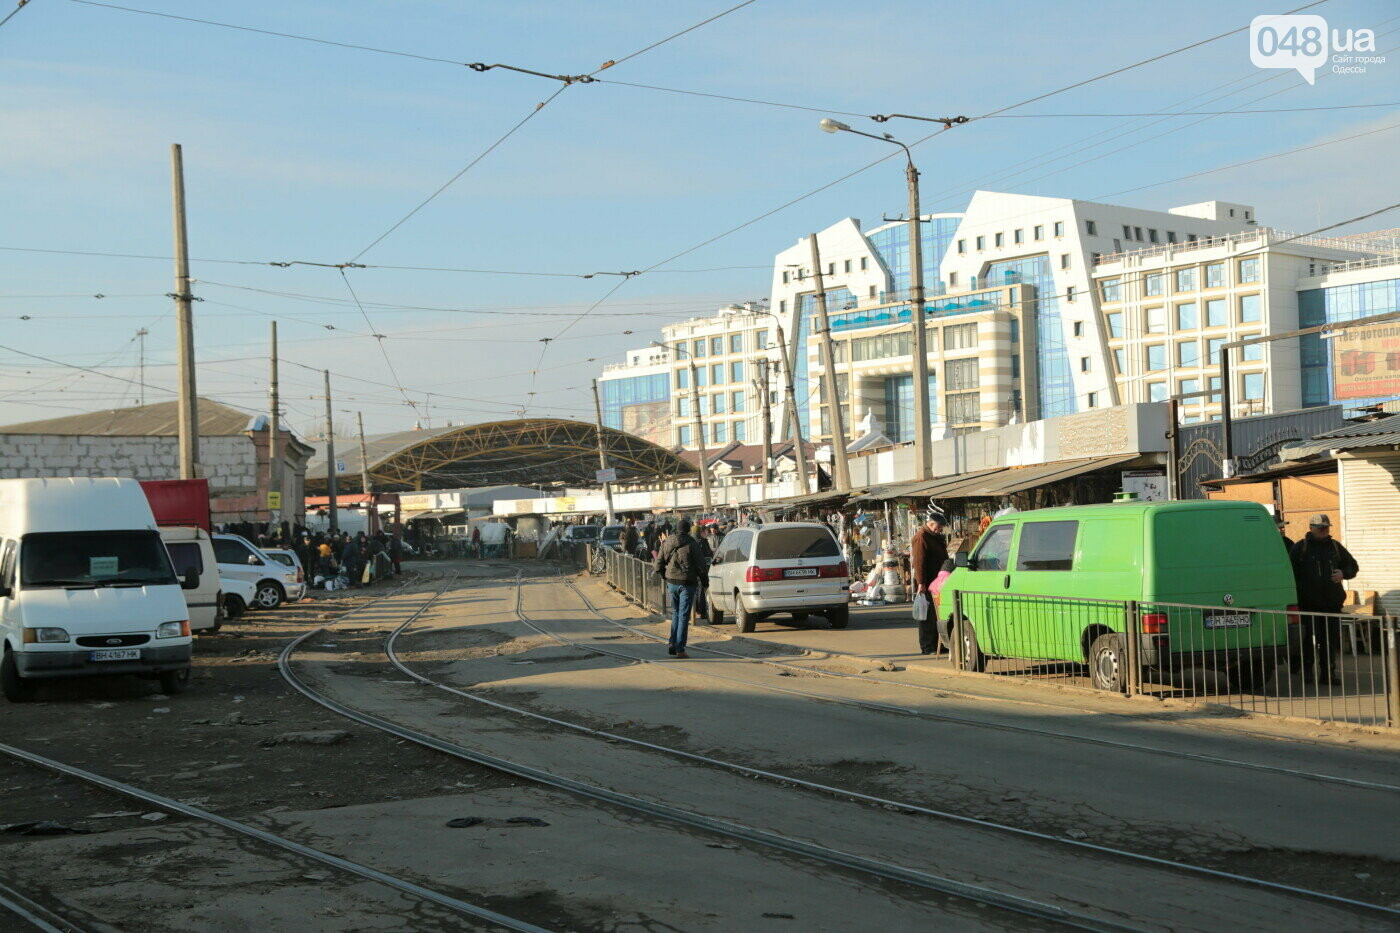 Топ-фото: Двенадцать мгновений 2020 года в Одессе,- ФОТОРЕПОРТАЖ, фото-6